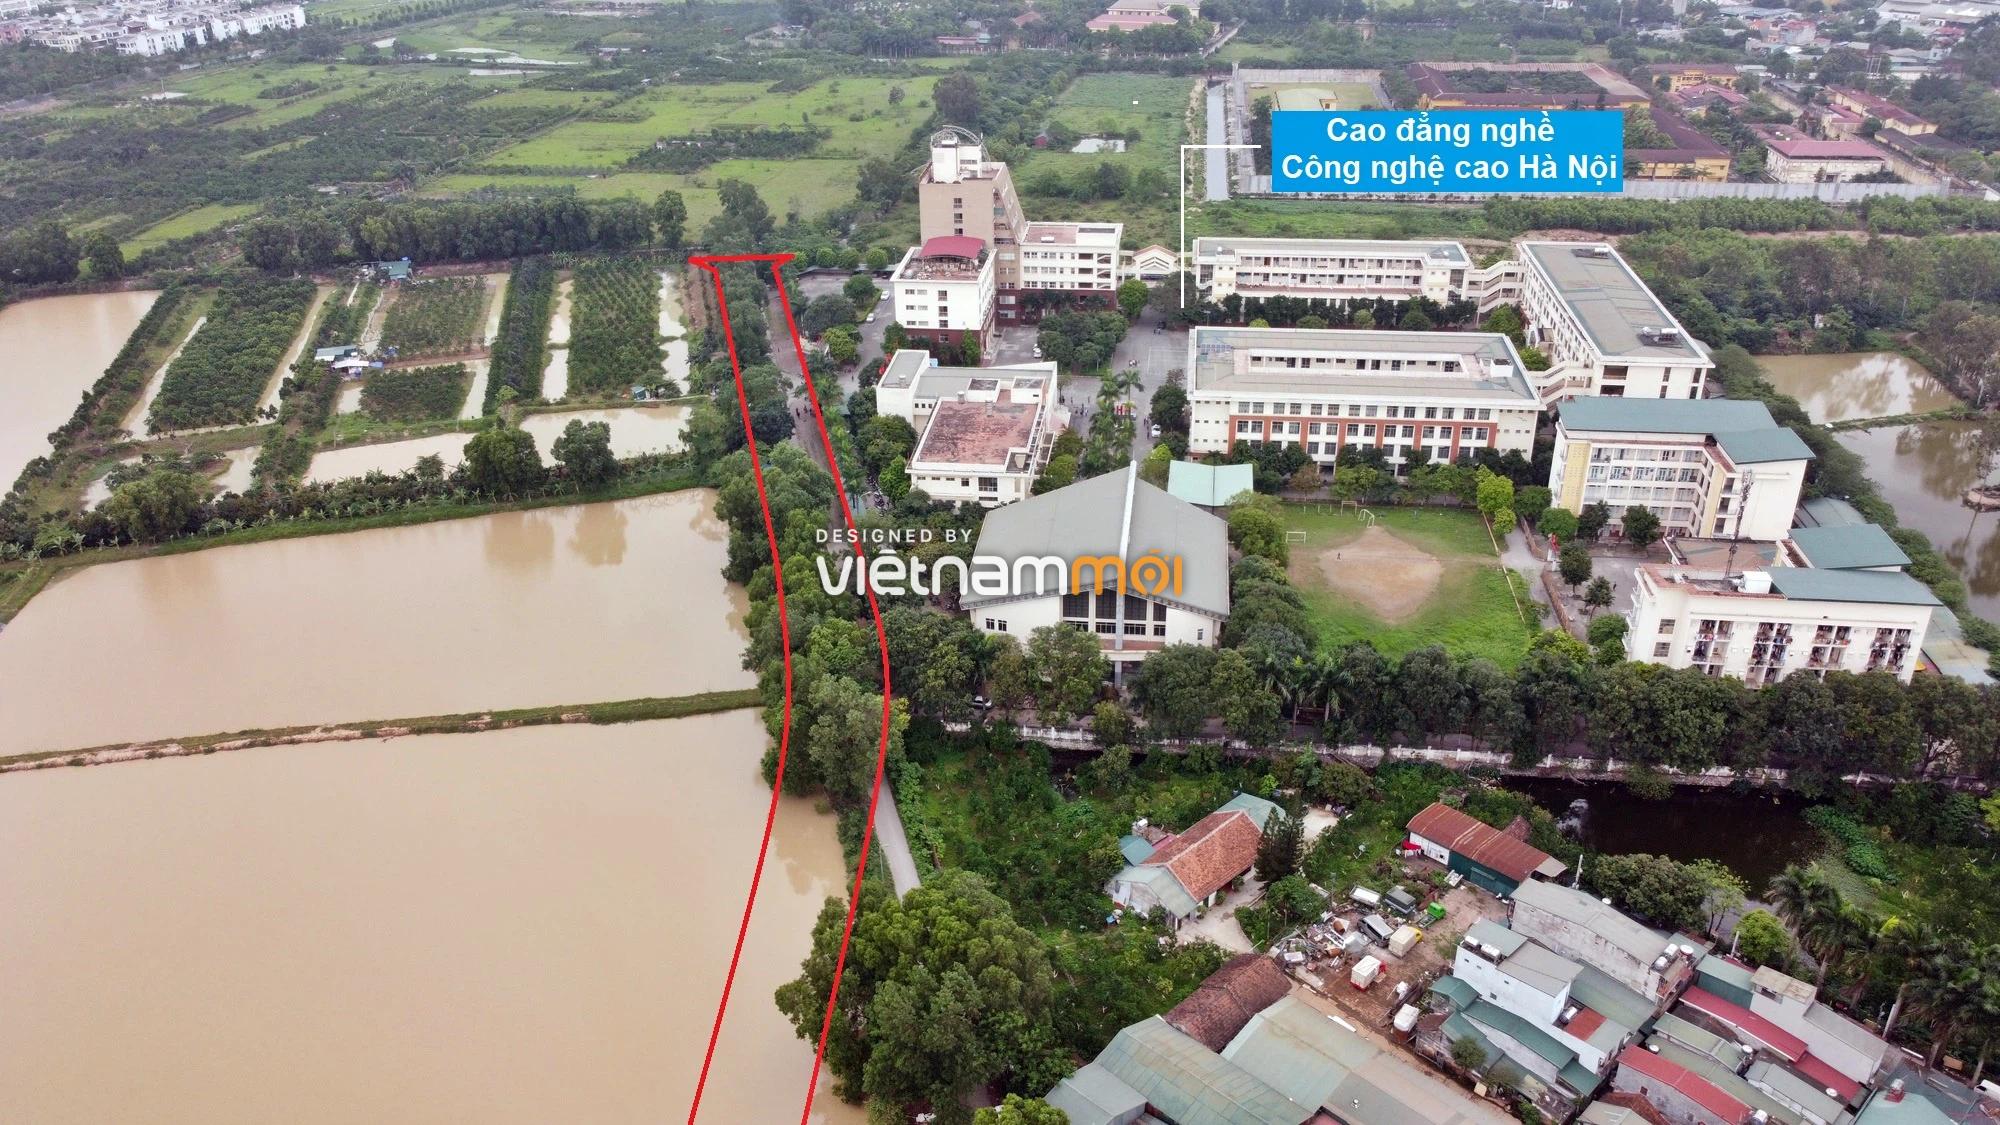 Những khu đất sắp thu hồi để mở đường ở phường Tây Mỗ, Nam Từ Liêm, Hà Nội (phần 2) - Ảnh 8.